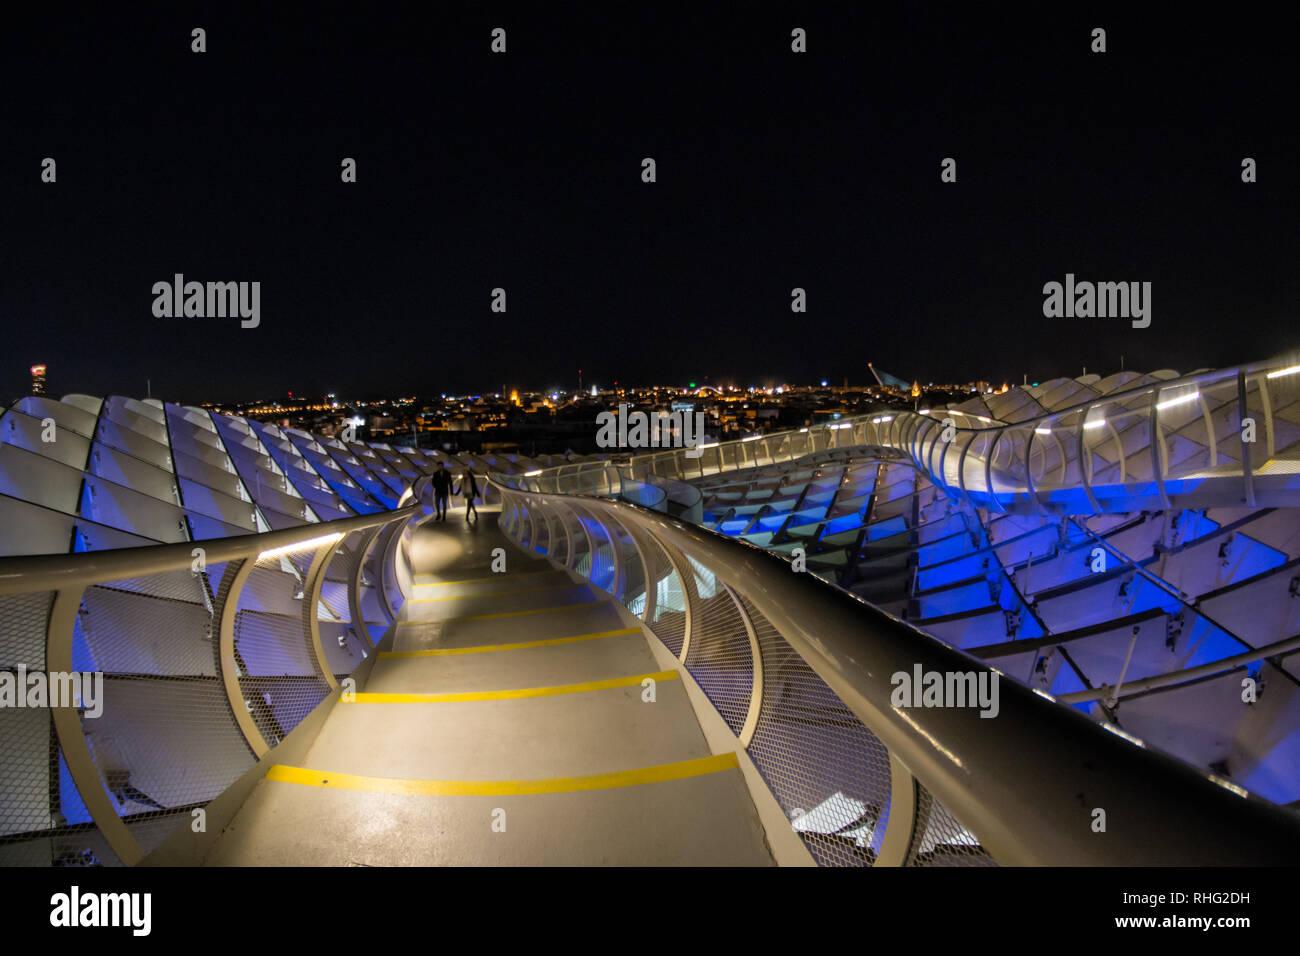 Metropol Parasol di notte, Siviglia, Spagna, Febbraio 2019 Immagini Stock